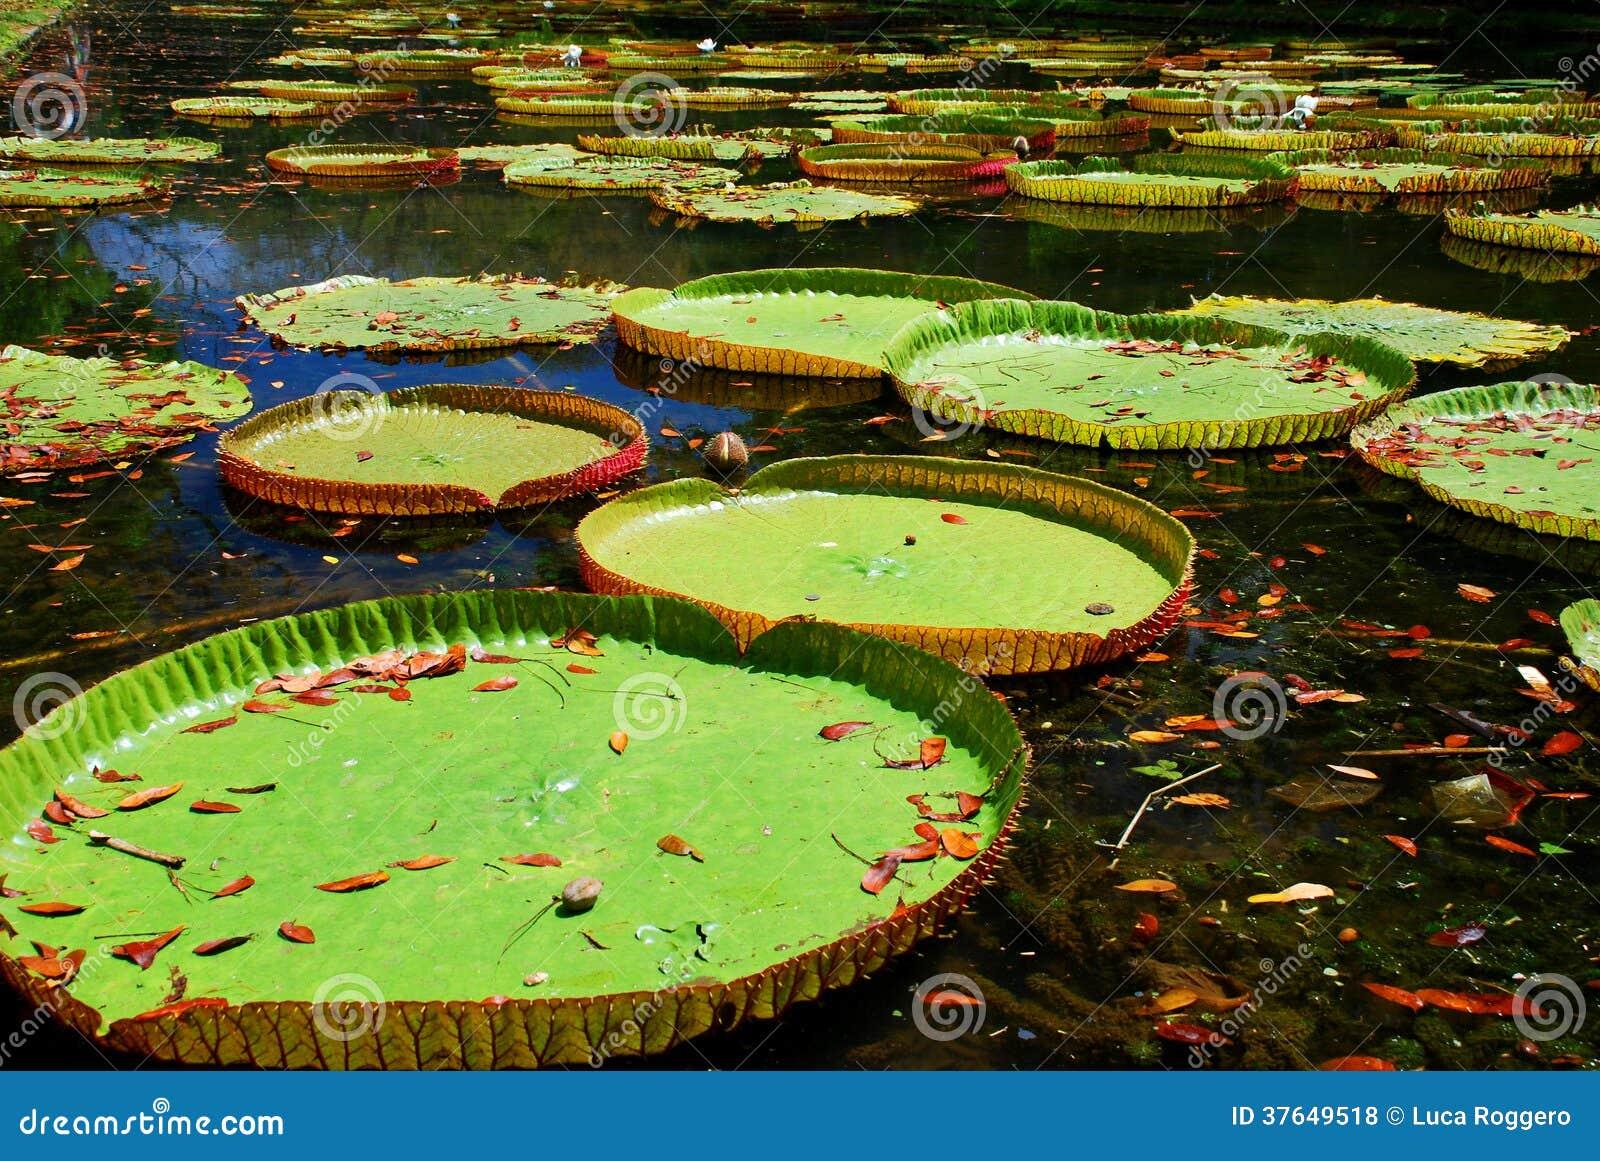 巨型荷花。Seewoosagur拉姆古兰先生植物园, Pamplemousses,毛里求斯